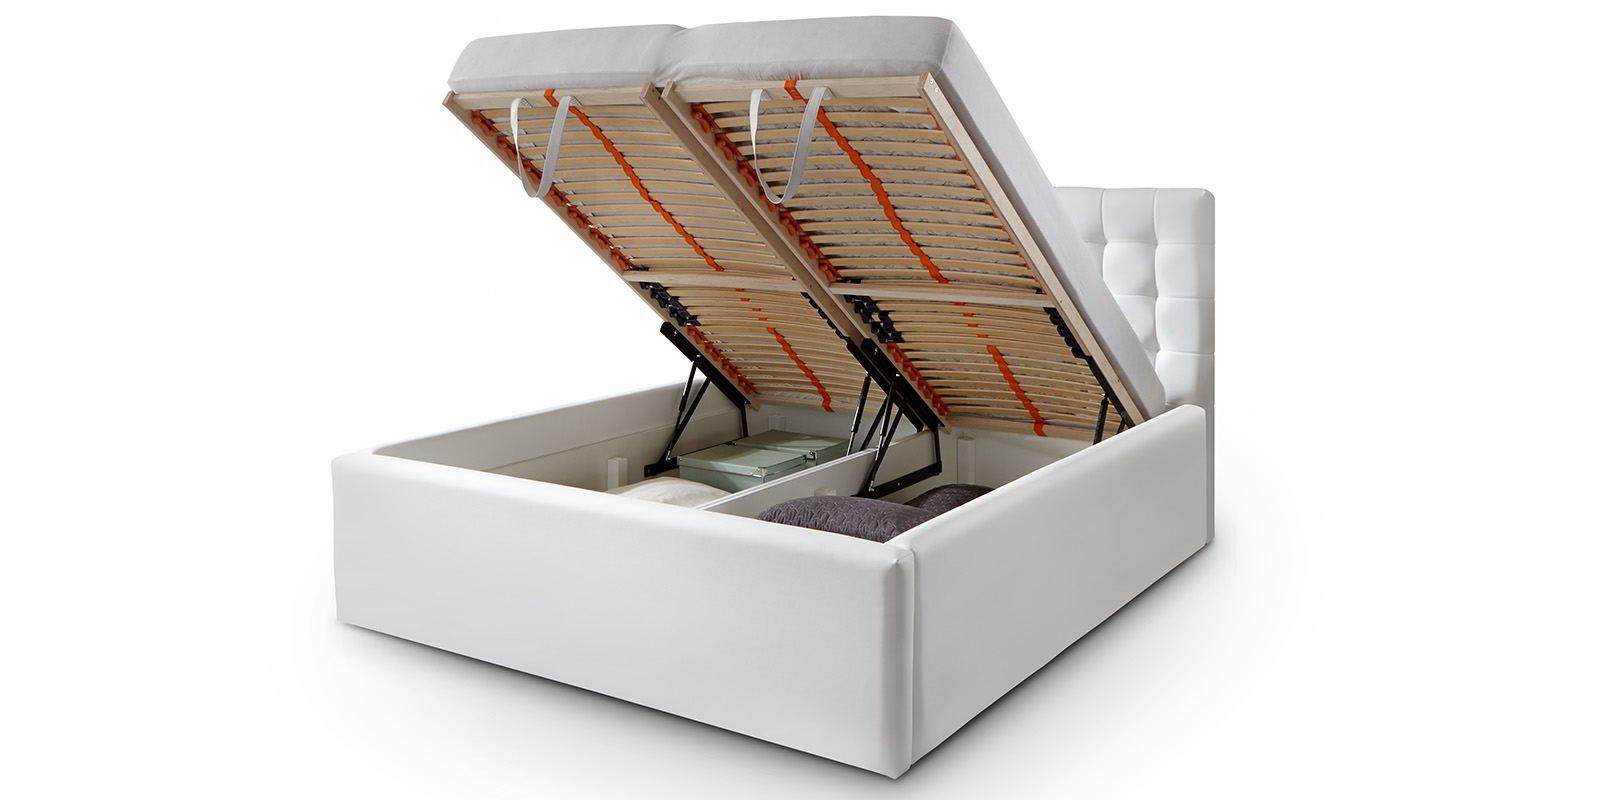 bett mit bettkasten polsterbett lattenrost doppelbett 140. Black Bedroom Furniture Sets. Home Design Ideas